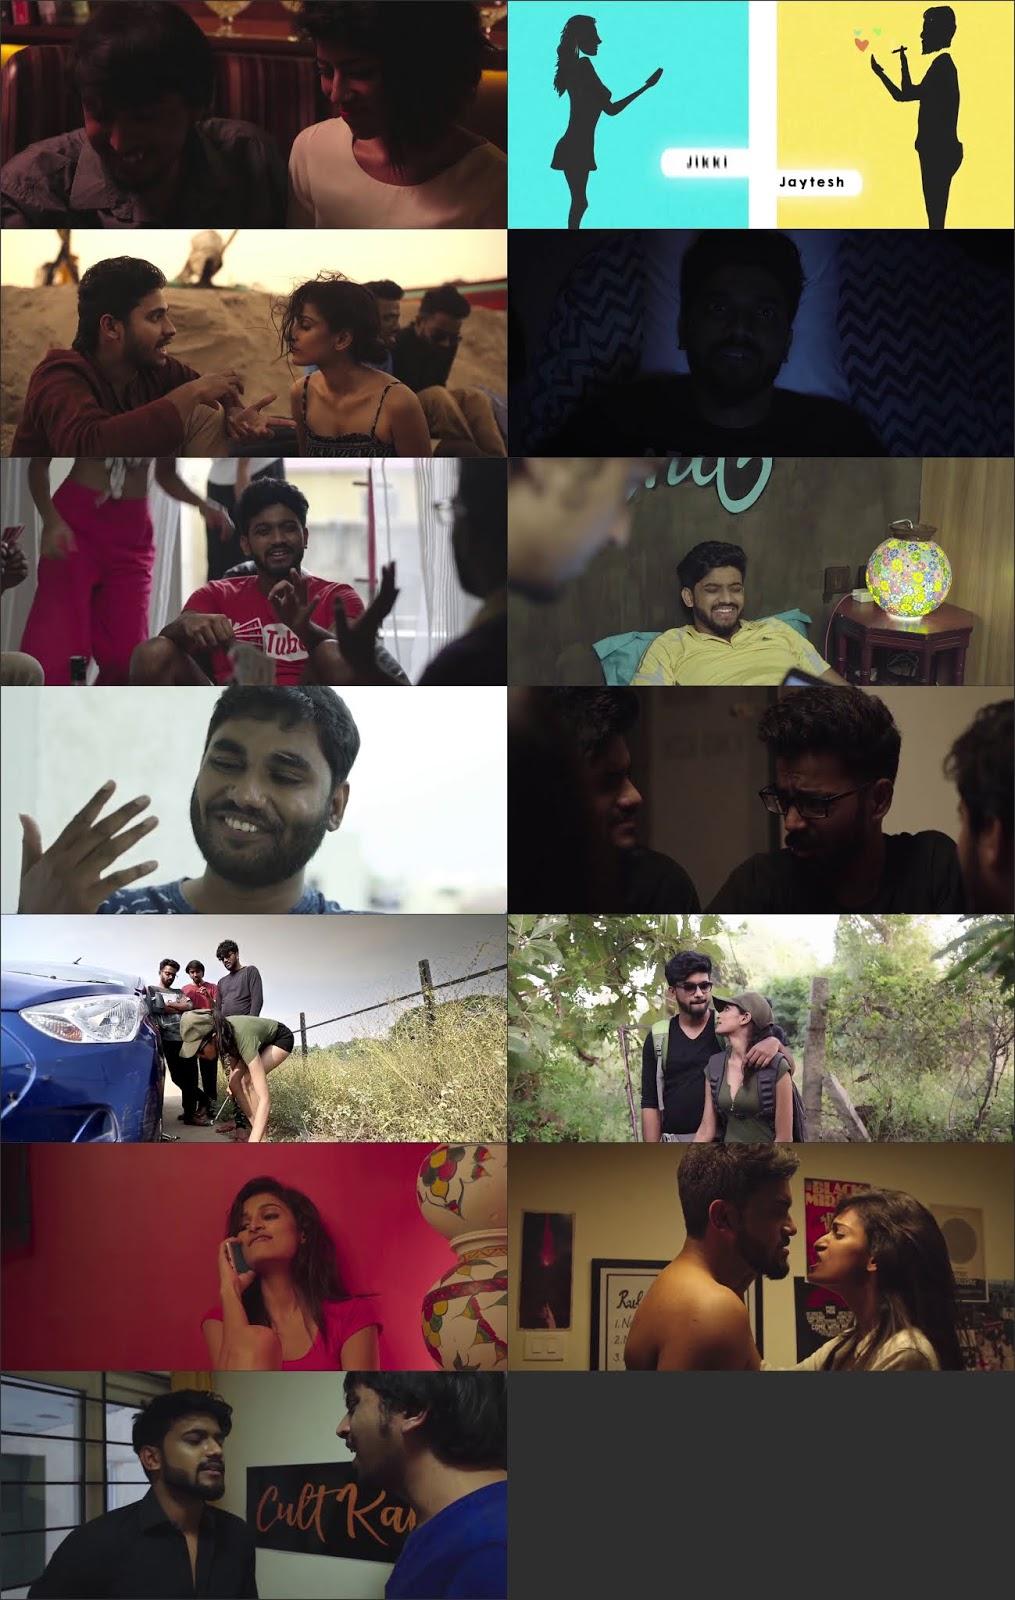 F**k Buddies 2018 WEB-DL 300MB Hindi S01 Download 480p